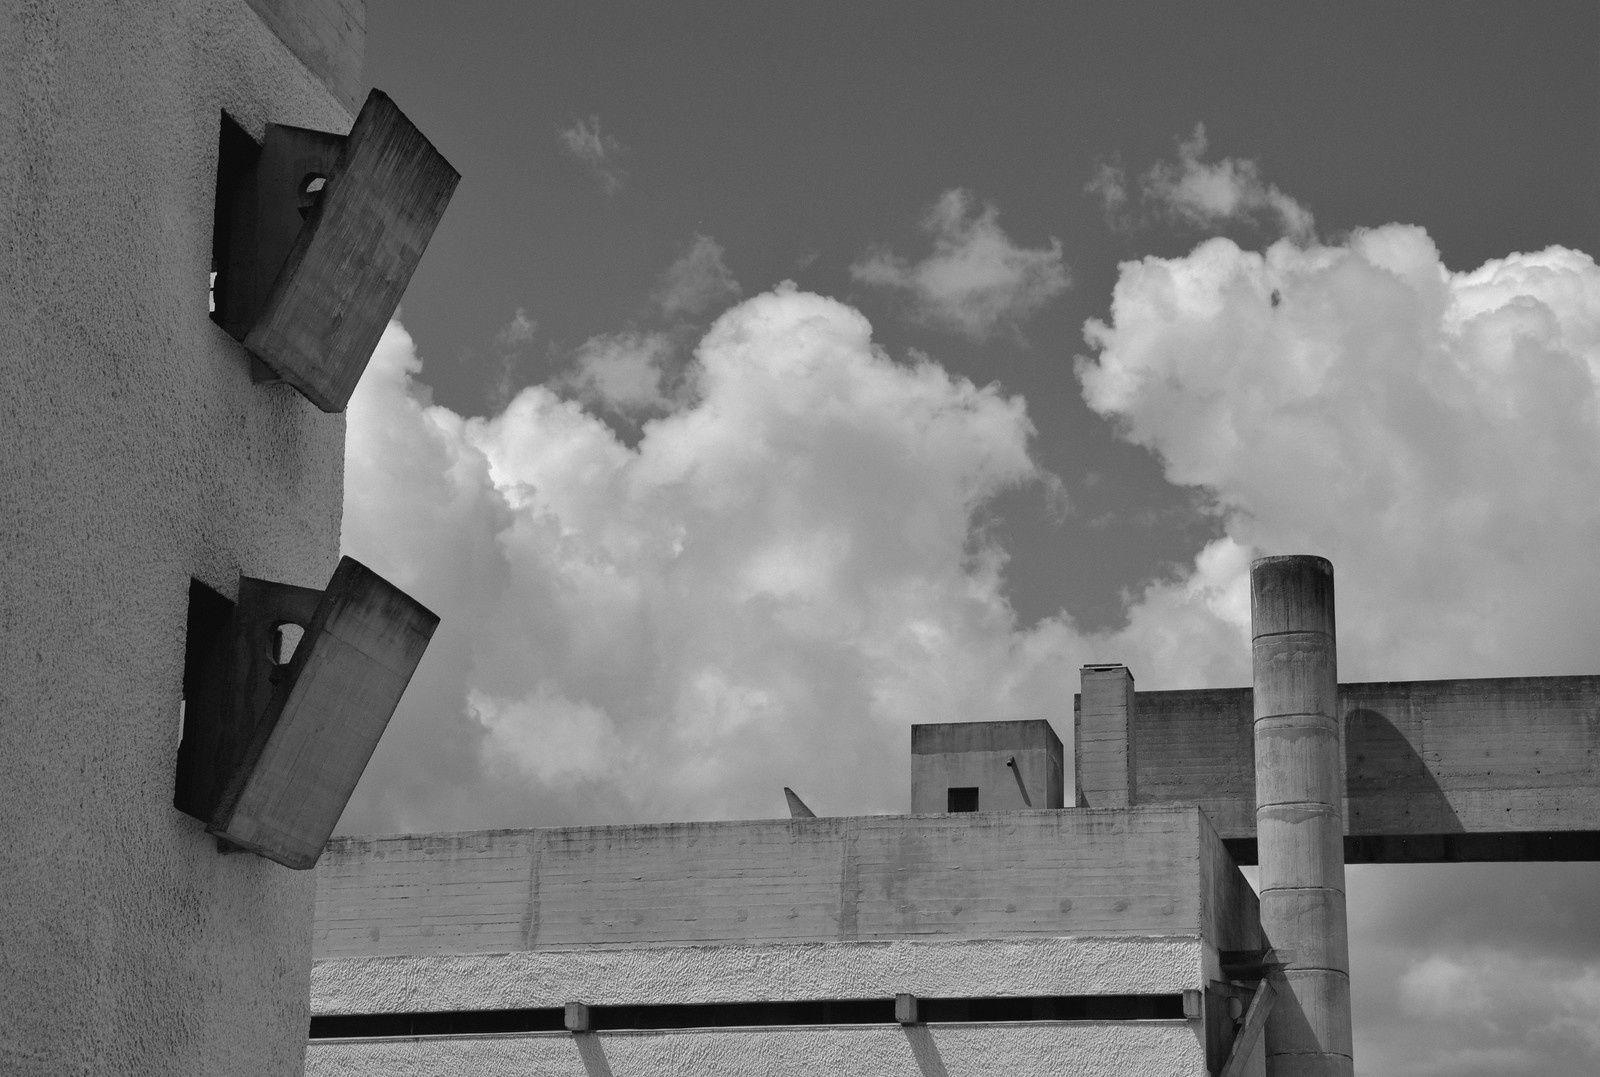 Le couvent de la Tourette - Rhône